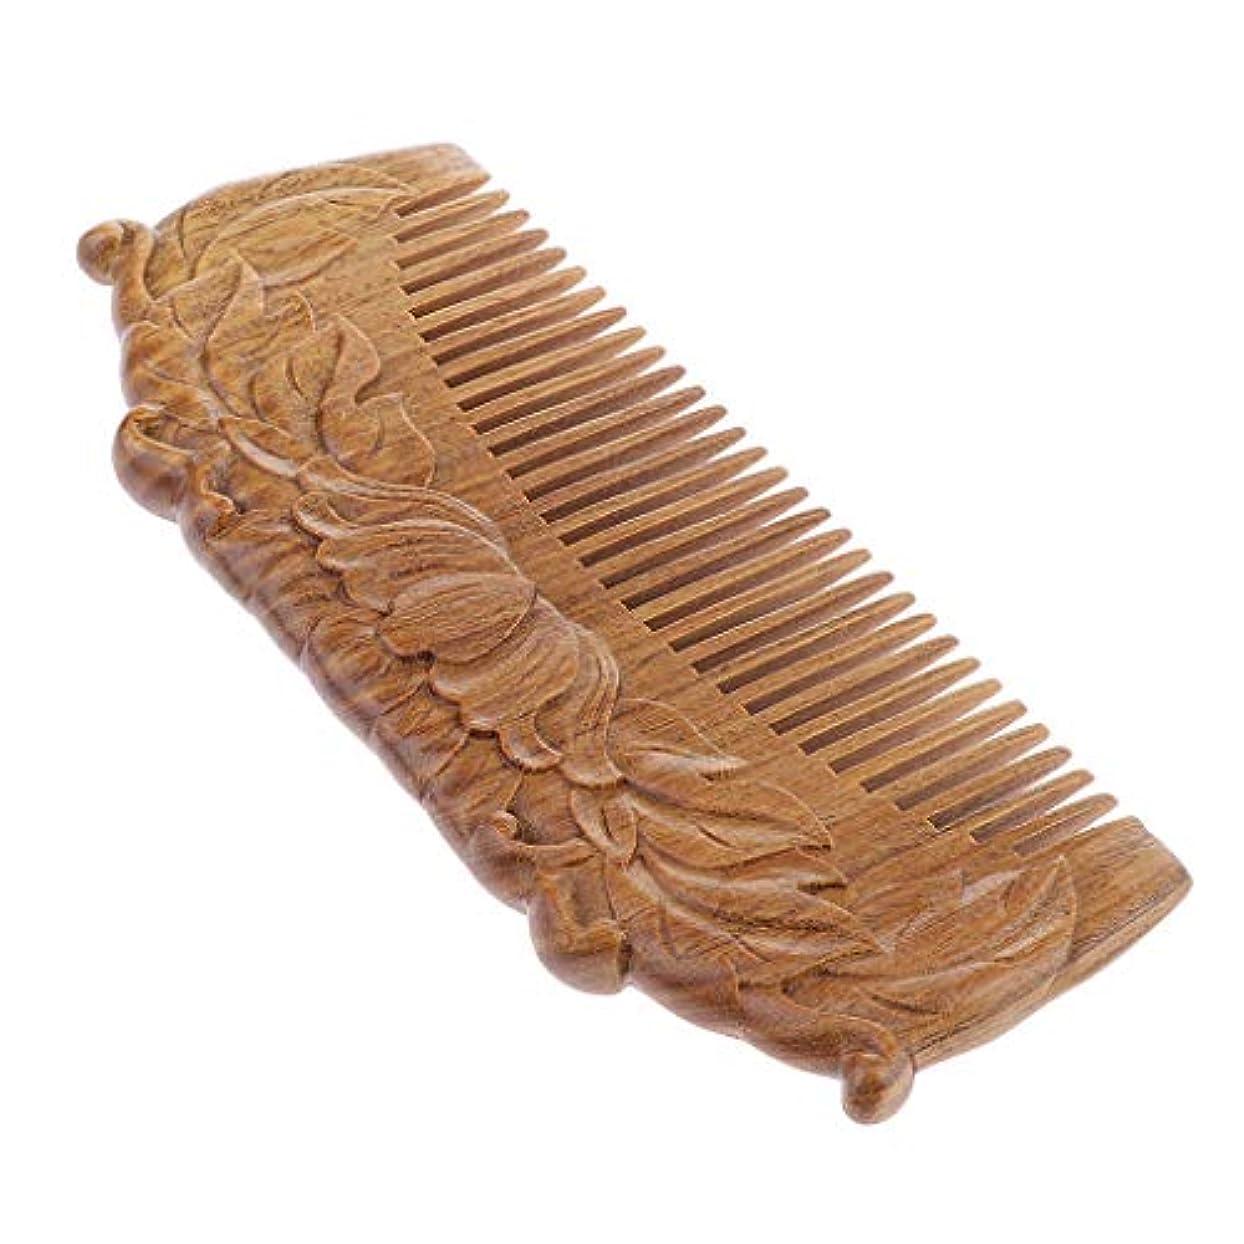 動的しないでください貪欲ウッドコーム 木製櫛 高品質 手作り 天然木 帯電防止櫛 頭皮マッサージ ヘアブラシ